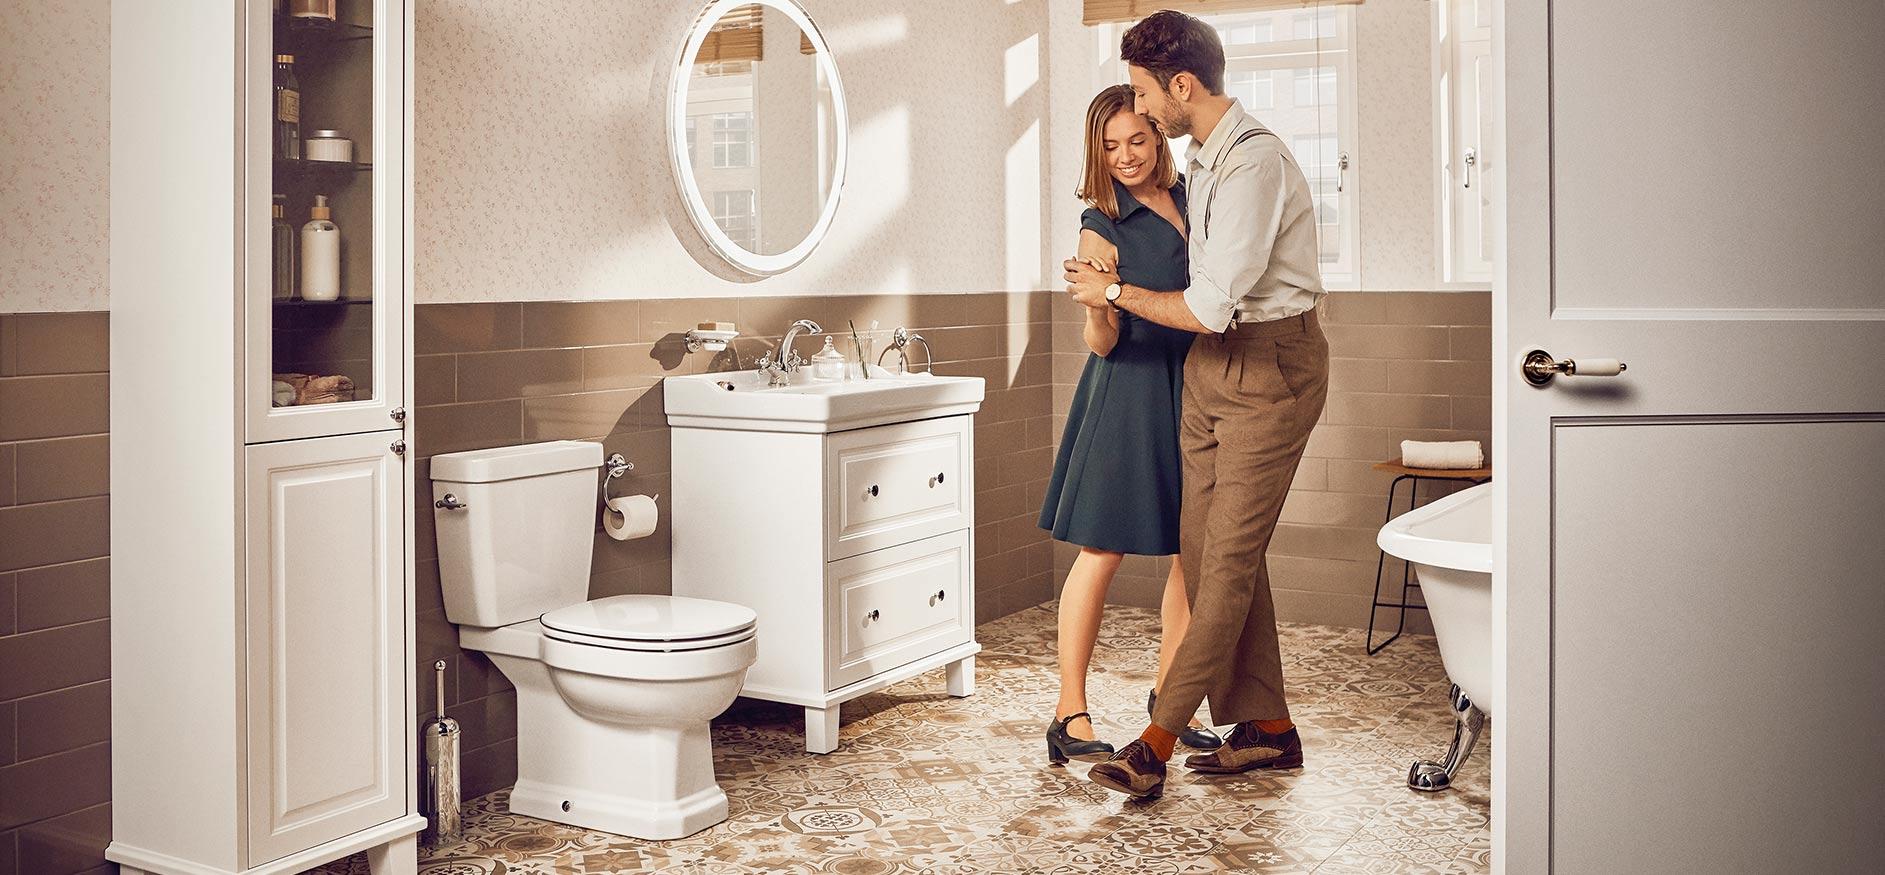 Hala Bazaar 2019 Roca Bathroom Wall Cabinets 2019 Roca